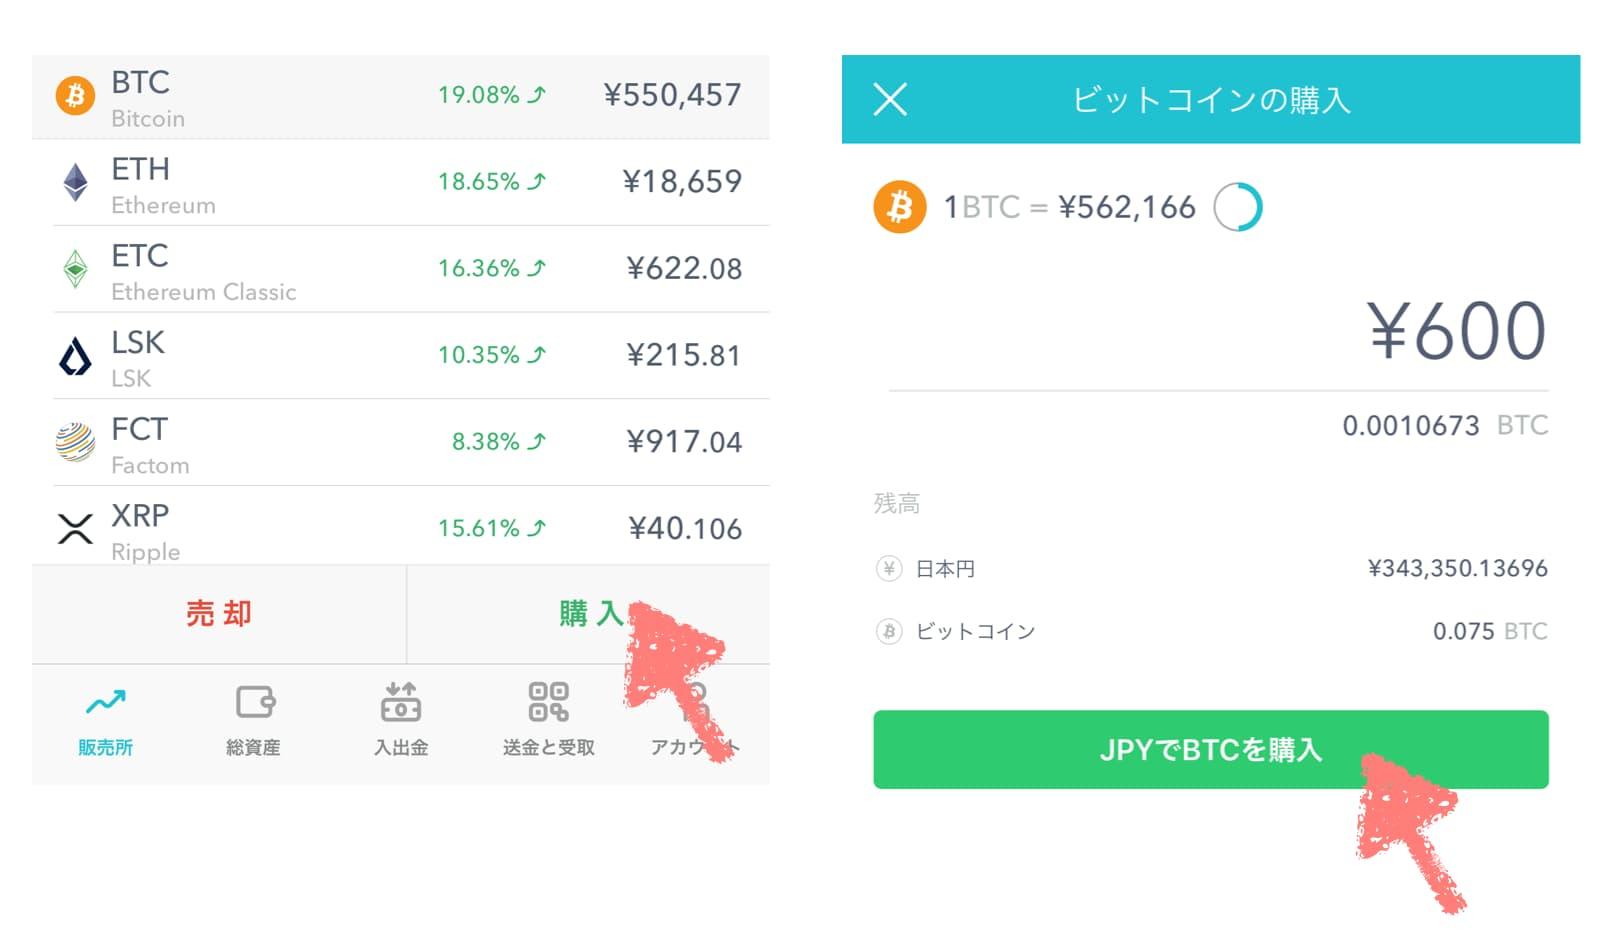 ビットコイン購入画面